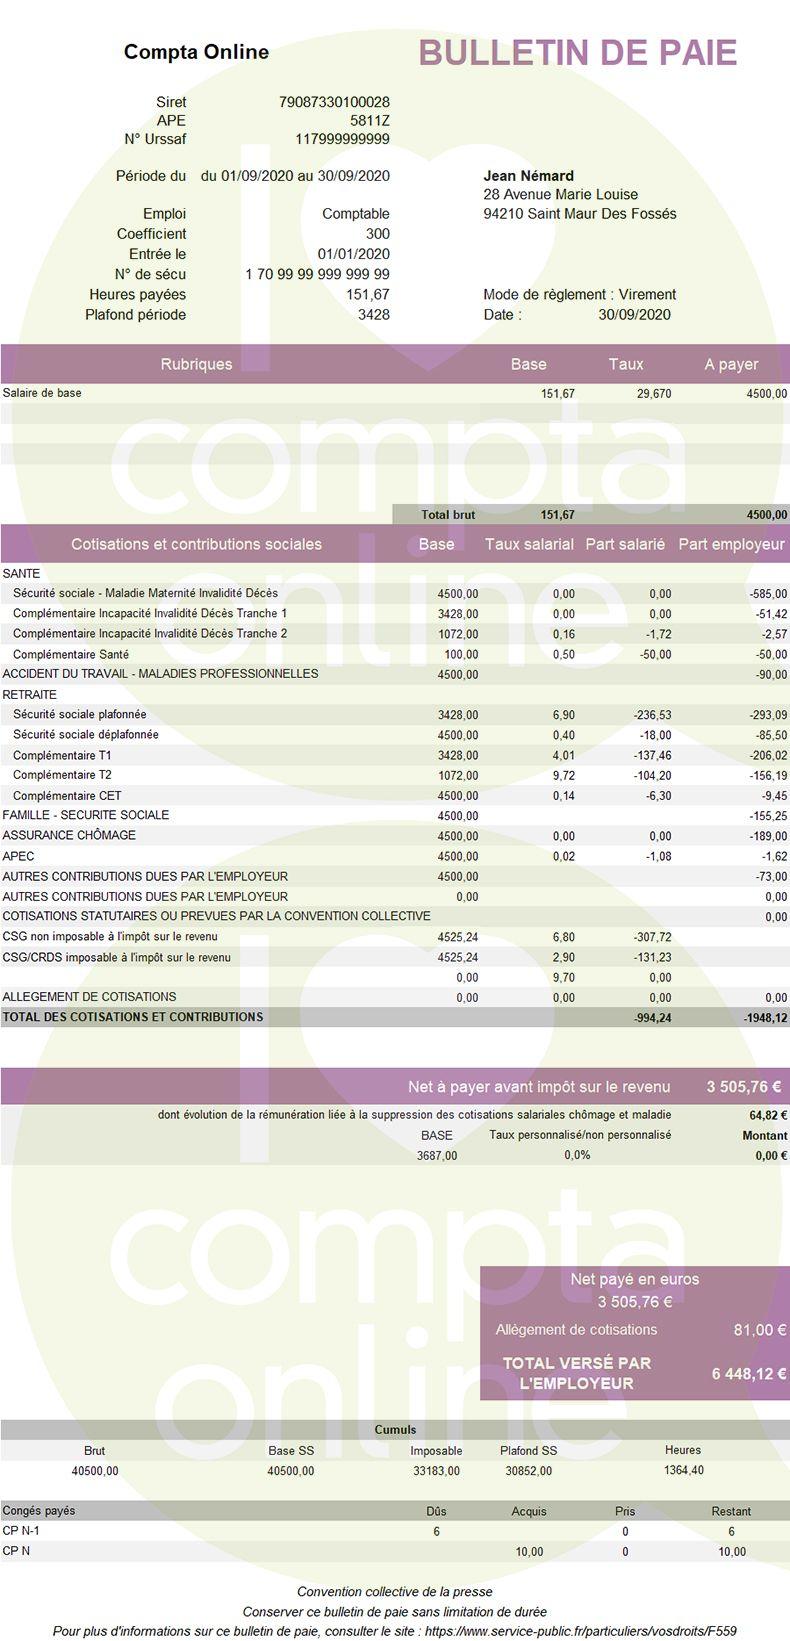 Exemple de bulletin de paie 2020 pour un salarié cadre